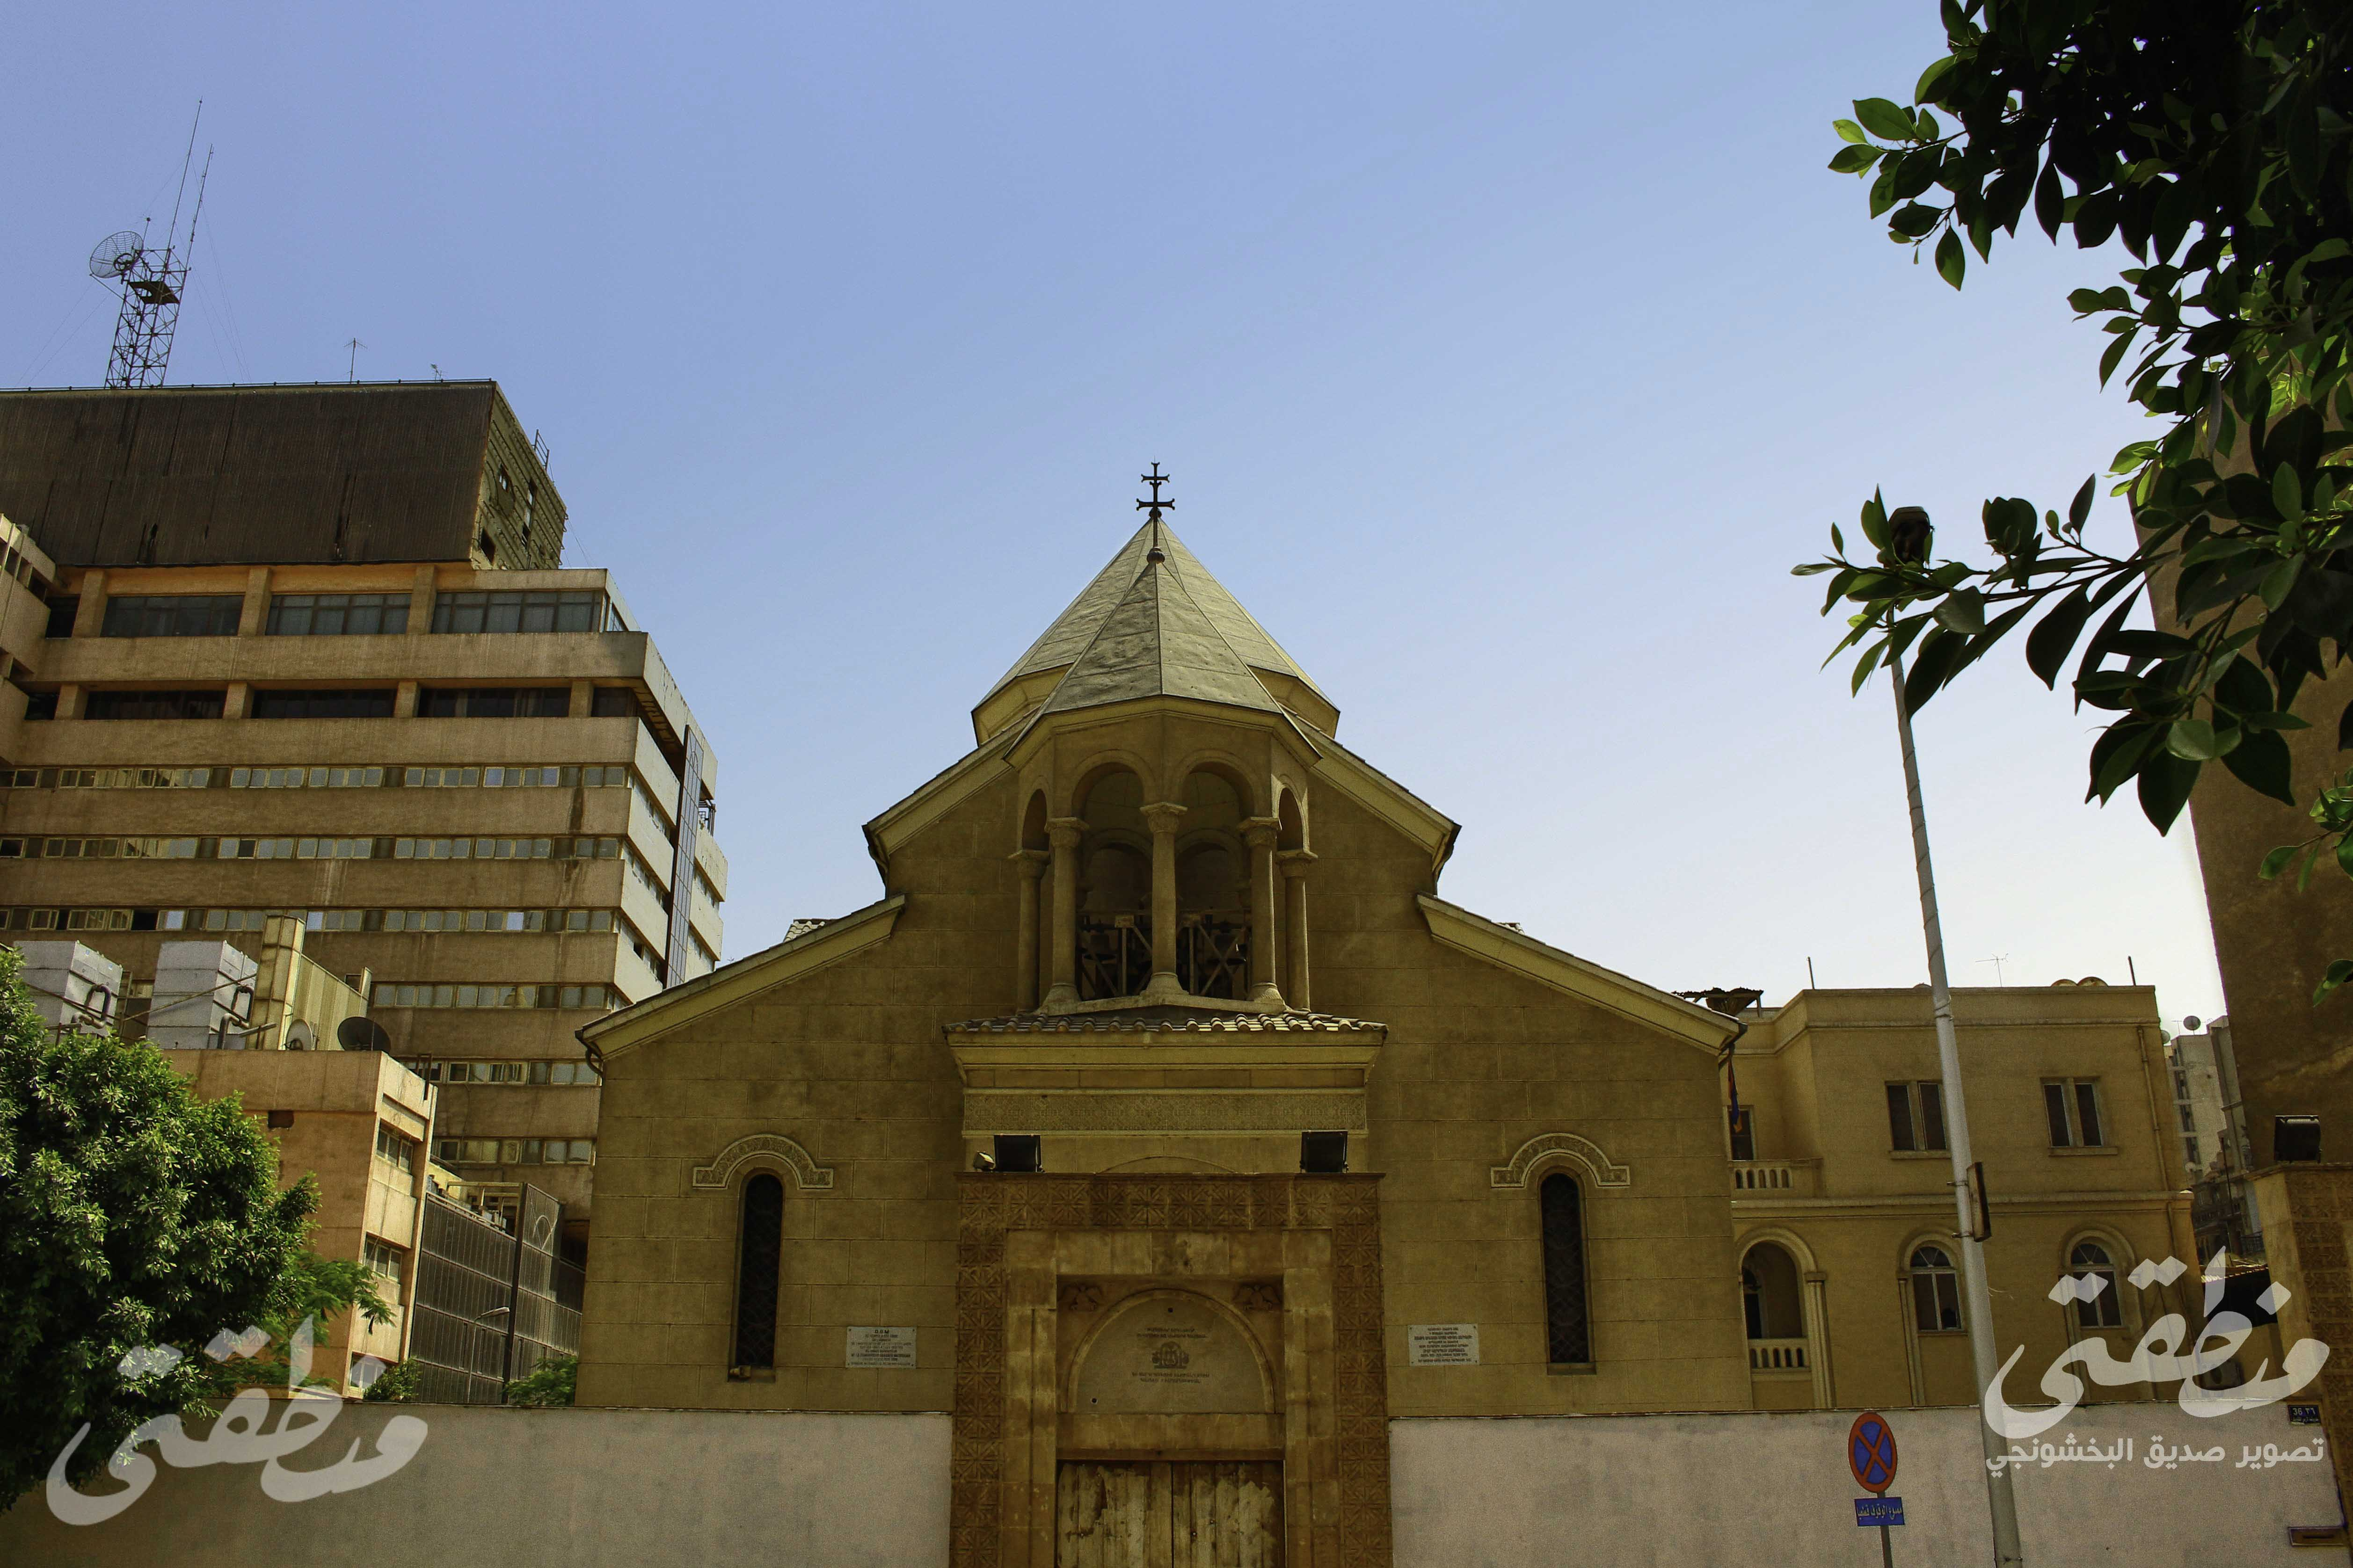 بطريركية الآرمن الكاثوليك من الخارج - تصوير - ميشيل حنا